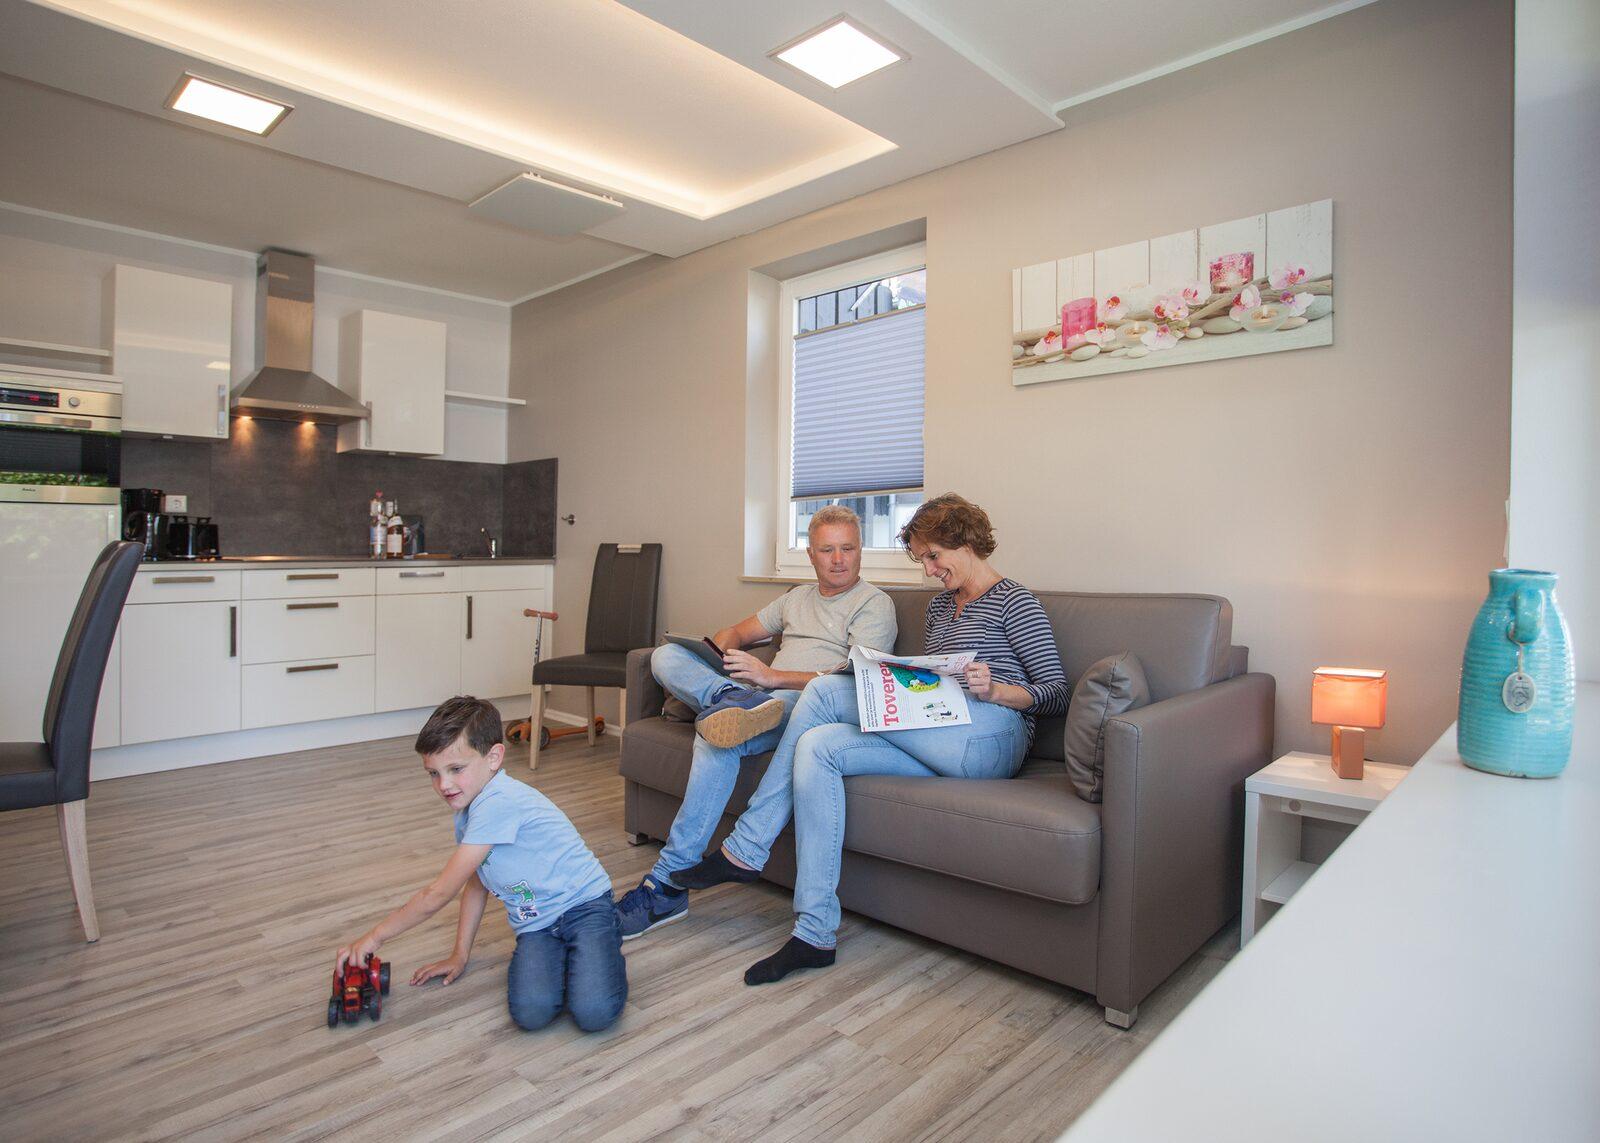 Appartement - Comfort 4 Personen (z) Huisdieren toegestaan